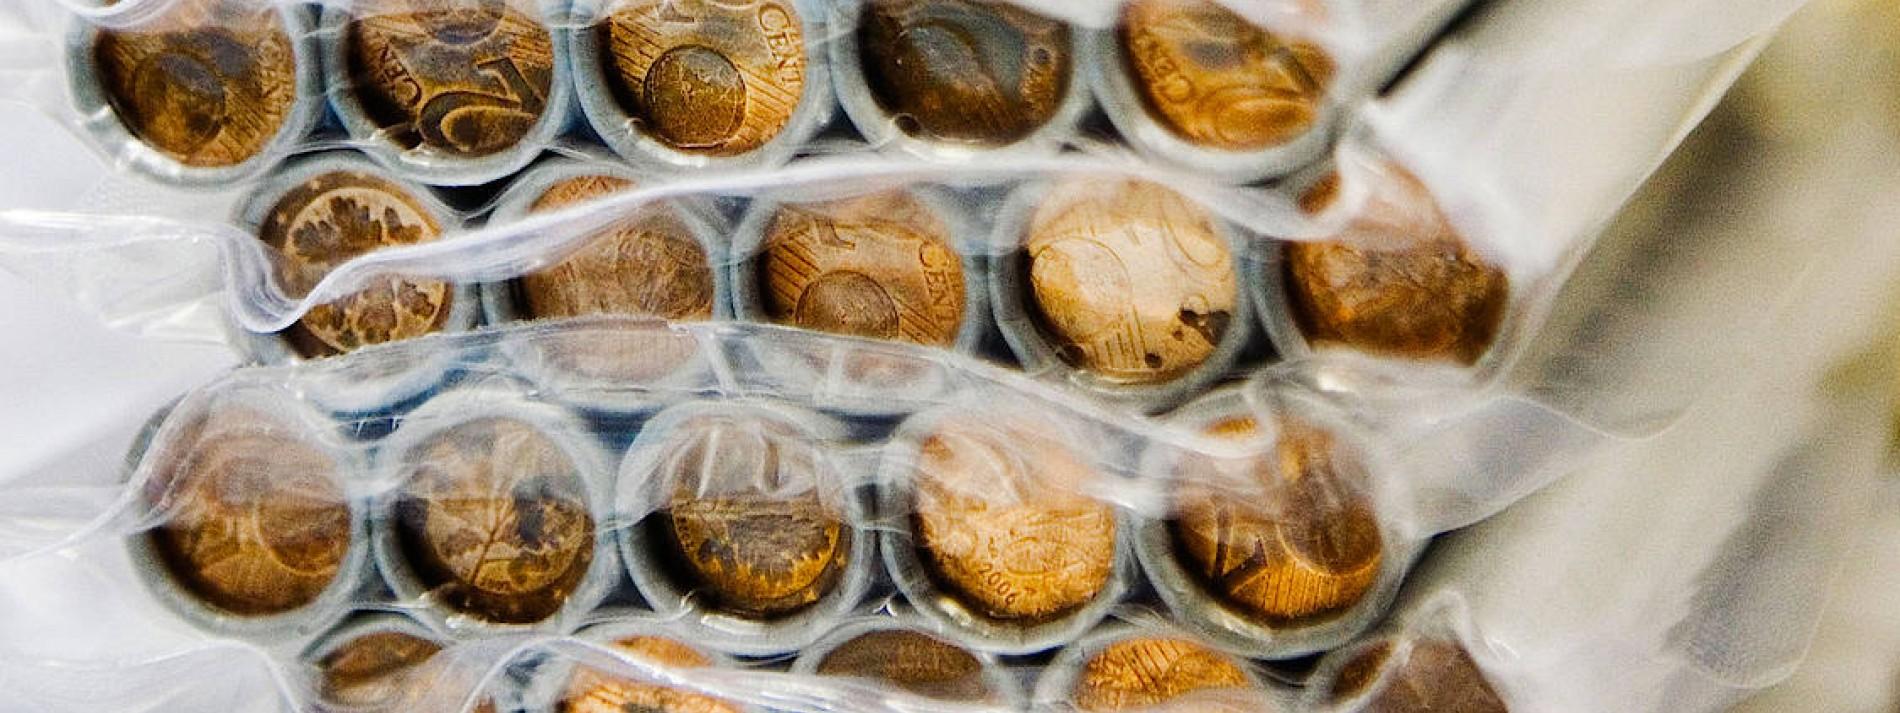 Den kleinsten Münzen geht es an den Kragen